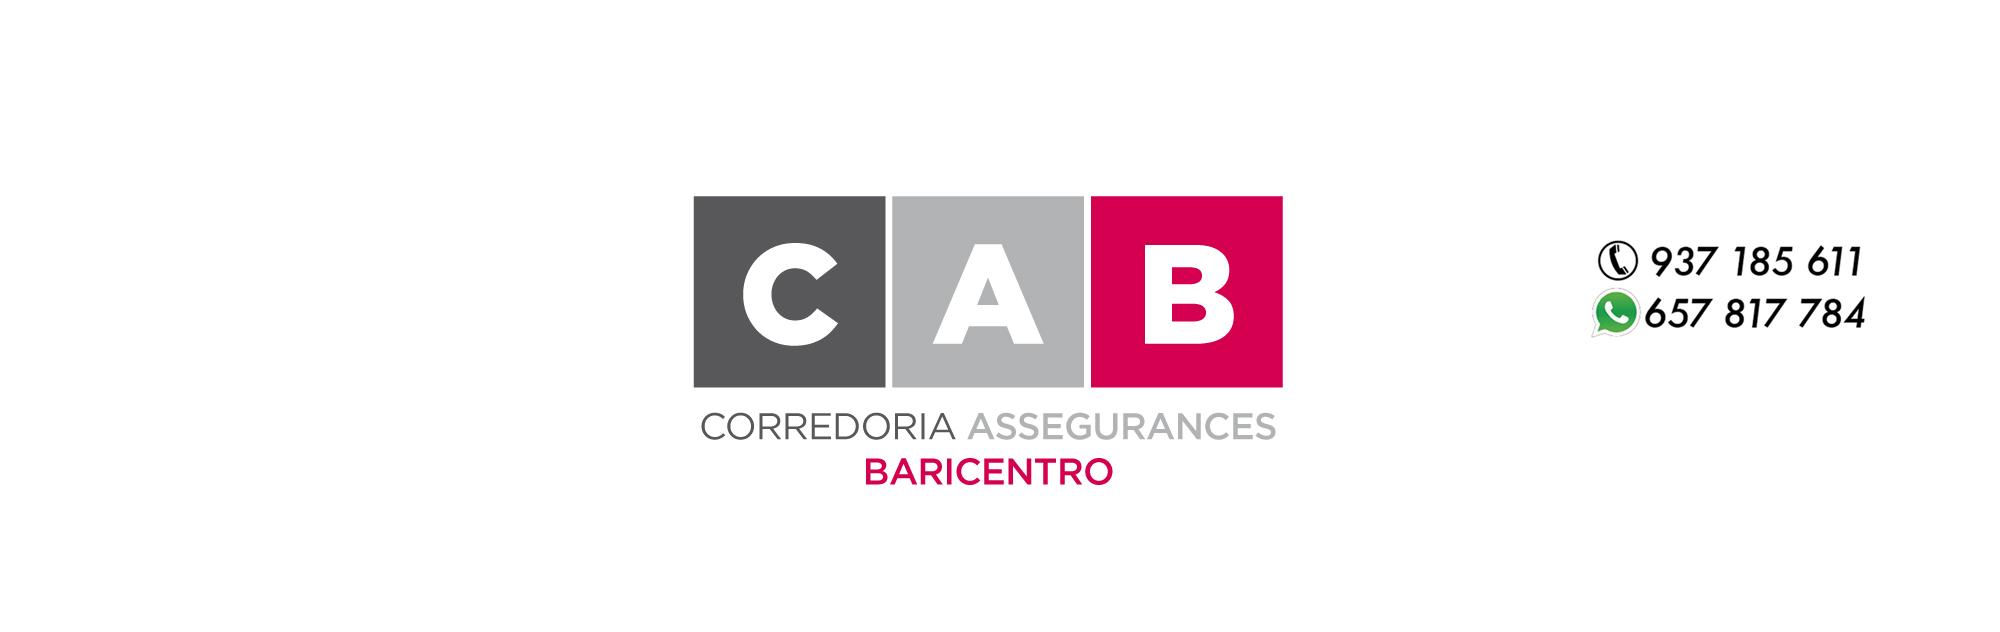 CAB Correduría Seguros Baricentro